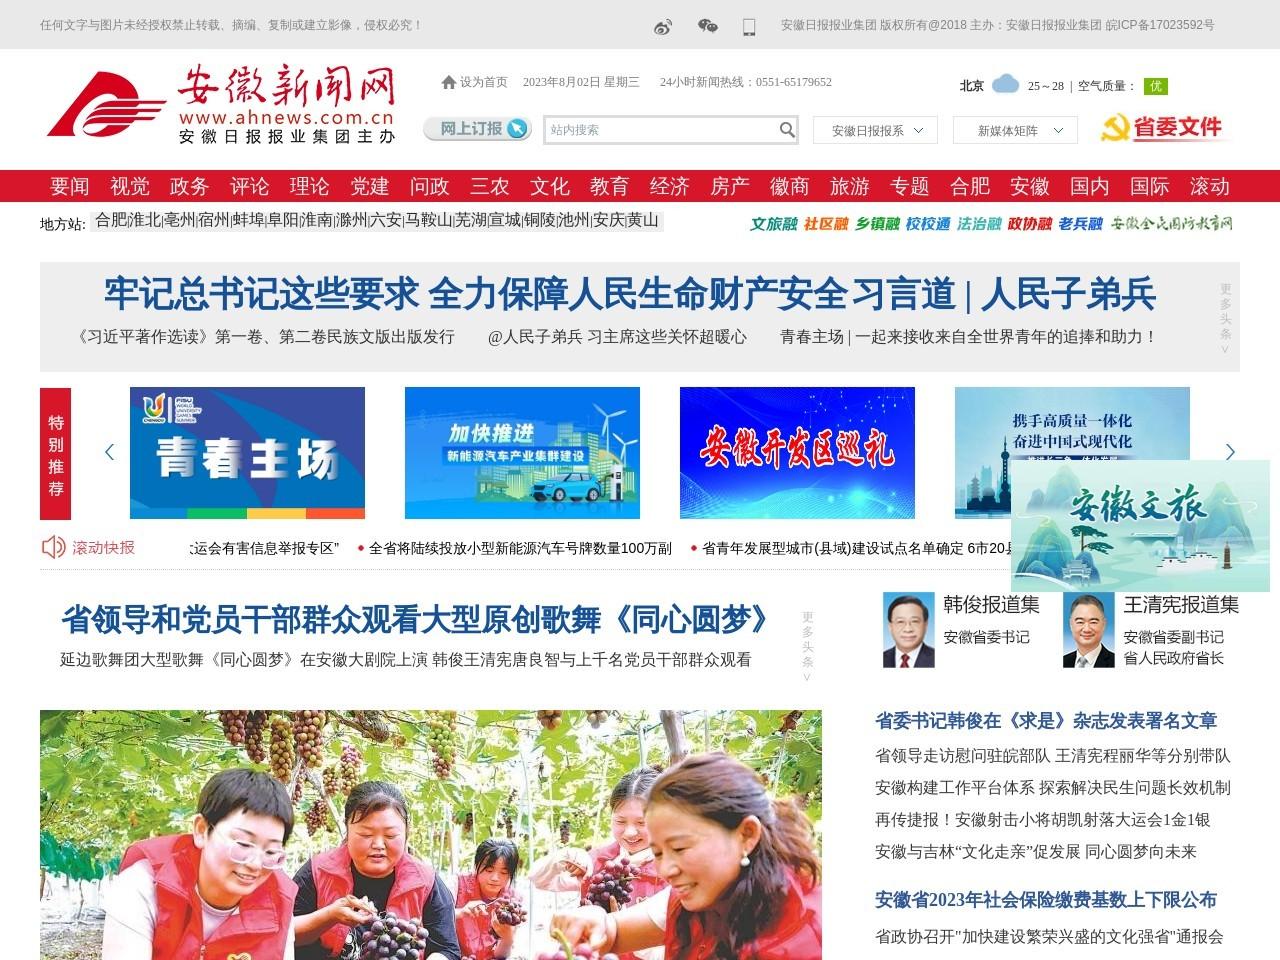 安徽新闻网|安徽省重点新闻门户网站、安徽日报报业集团官方网站